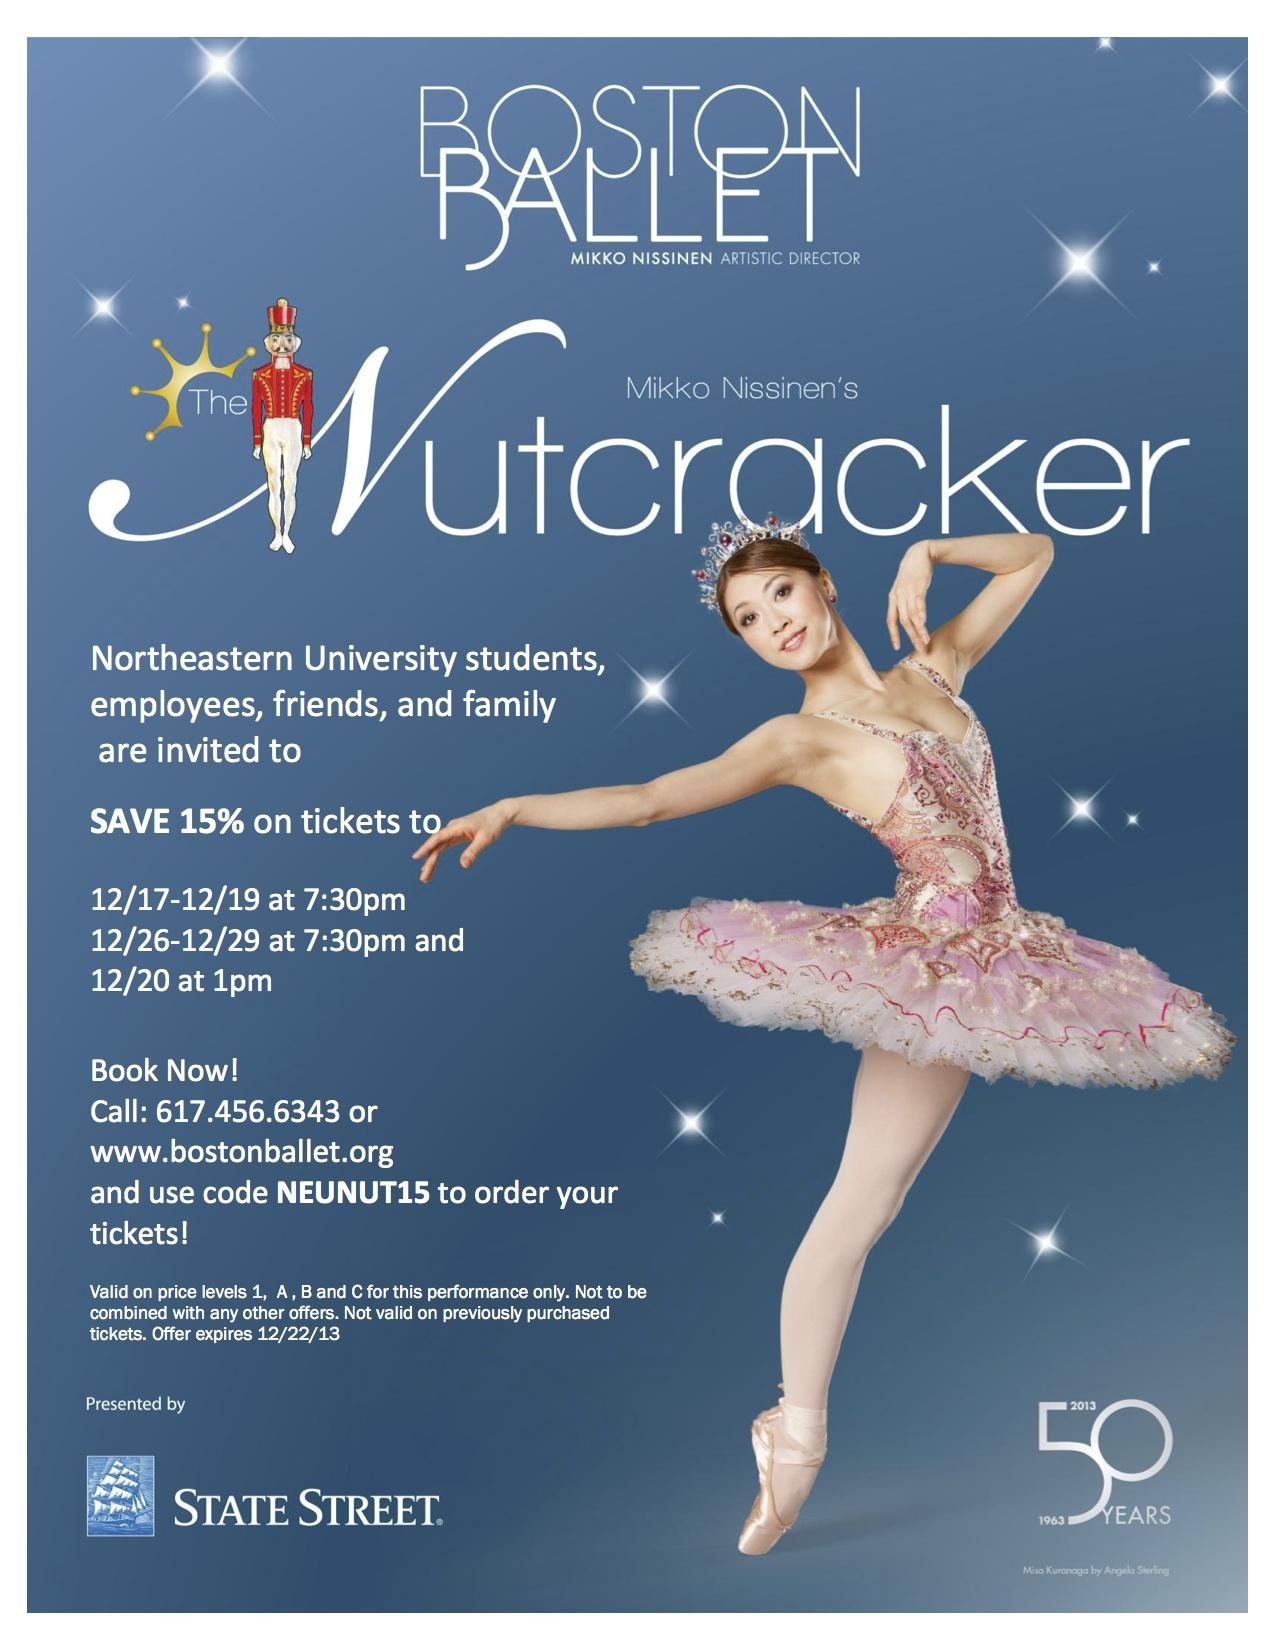 The Sacramento Ballet - Official Site